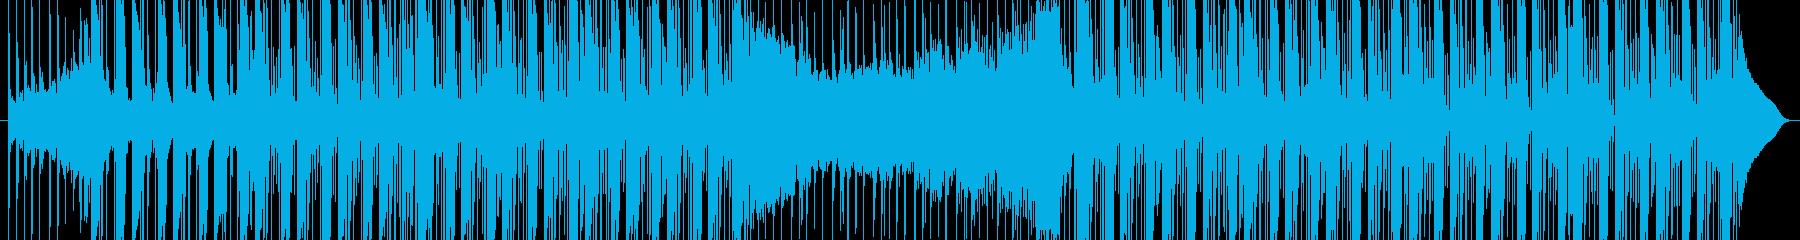 Trap Action Musicの再生済みの波形